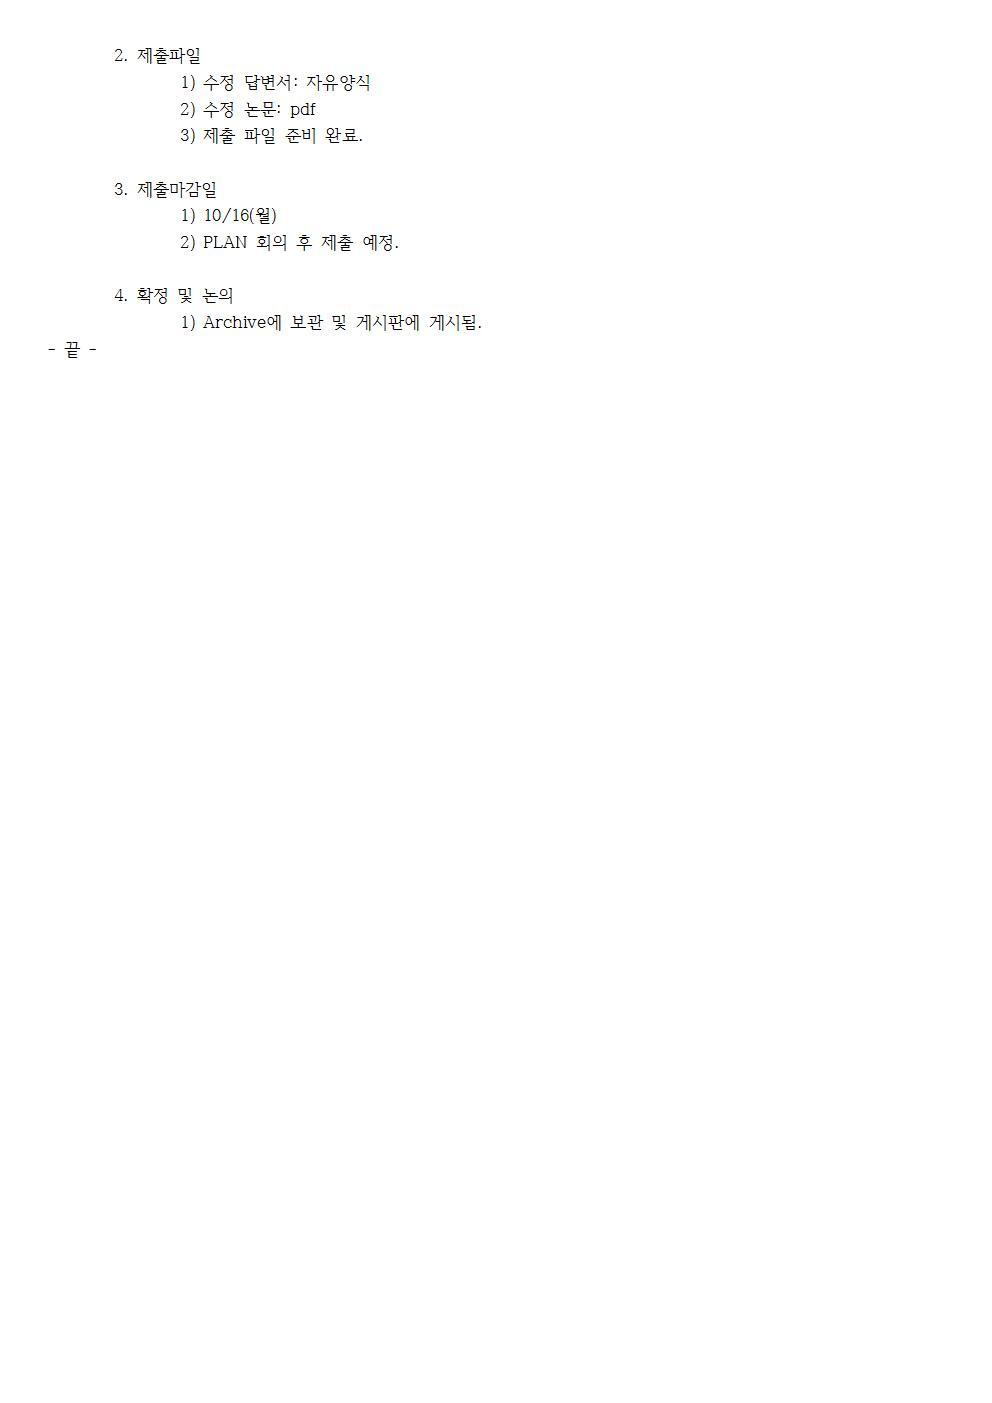 D-[17-074-PP-10]-[KIISE2017-BO]-[JS]-[2017-10-16]-[PLAN]002.jpg